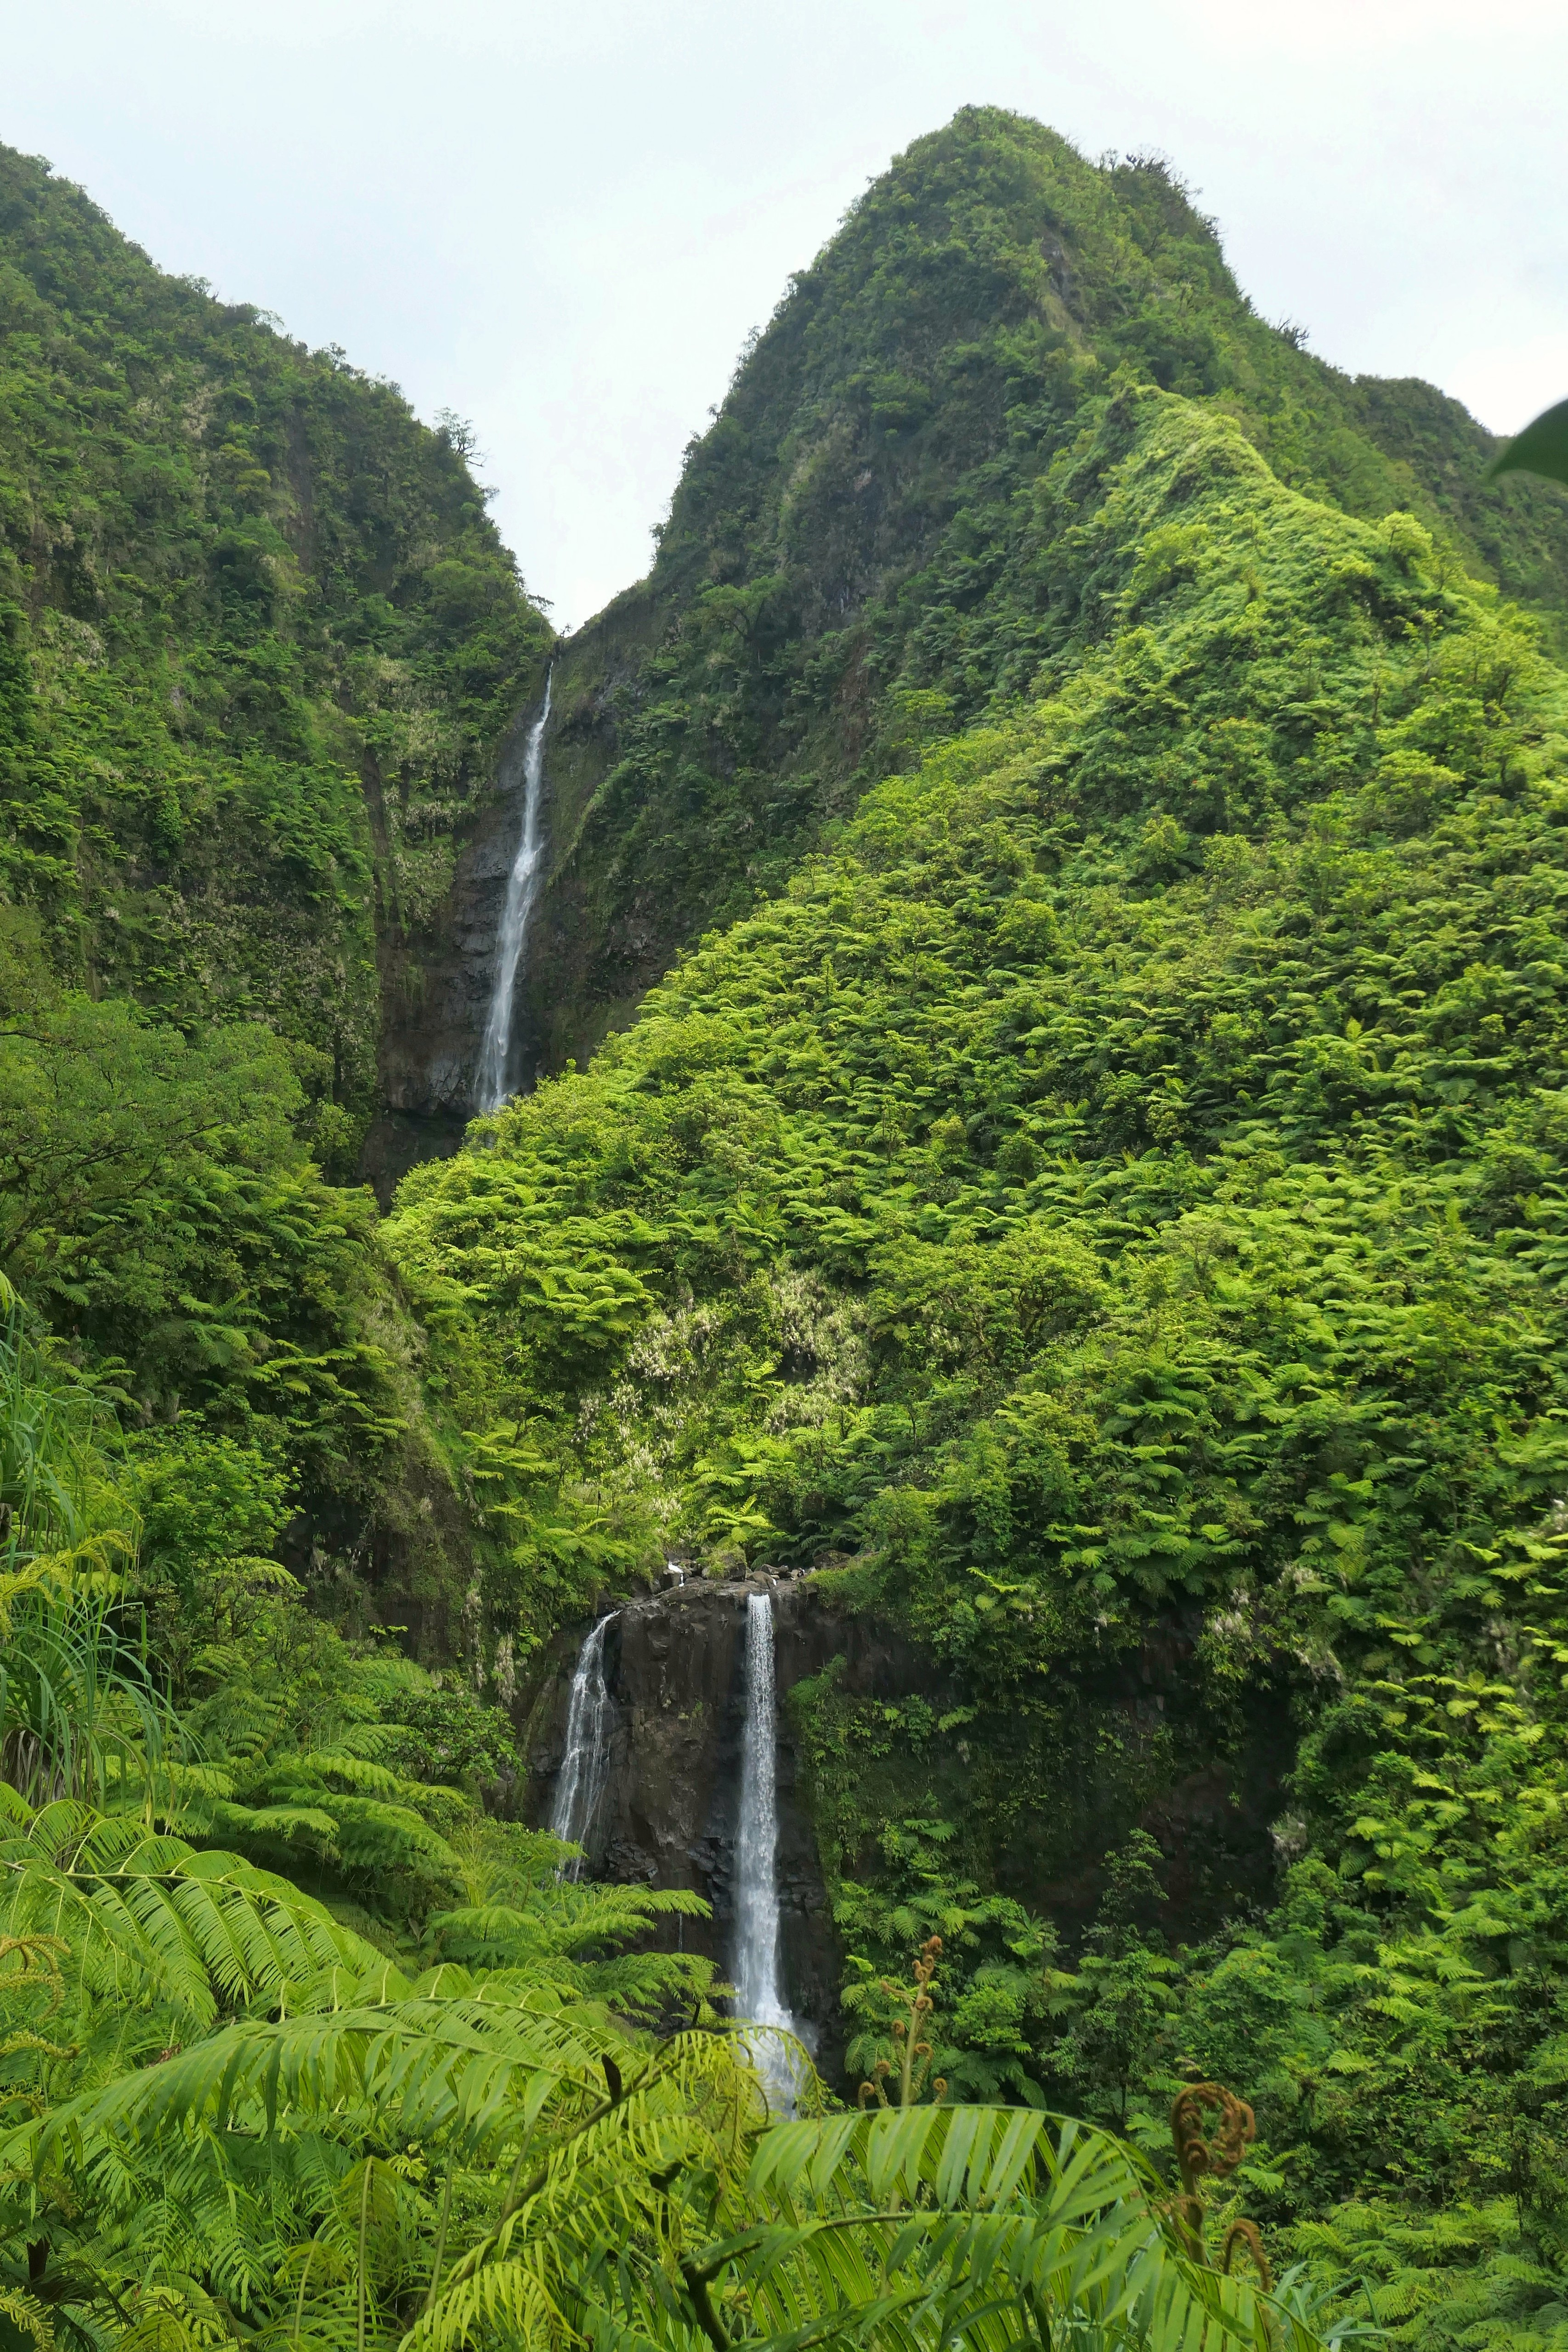 155377 скачать обои Природа, Водопад, Скала, Растения, Поток - заставки и картинки бесплатно